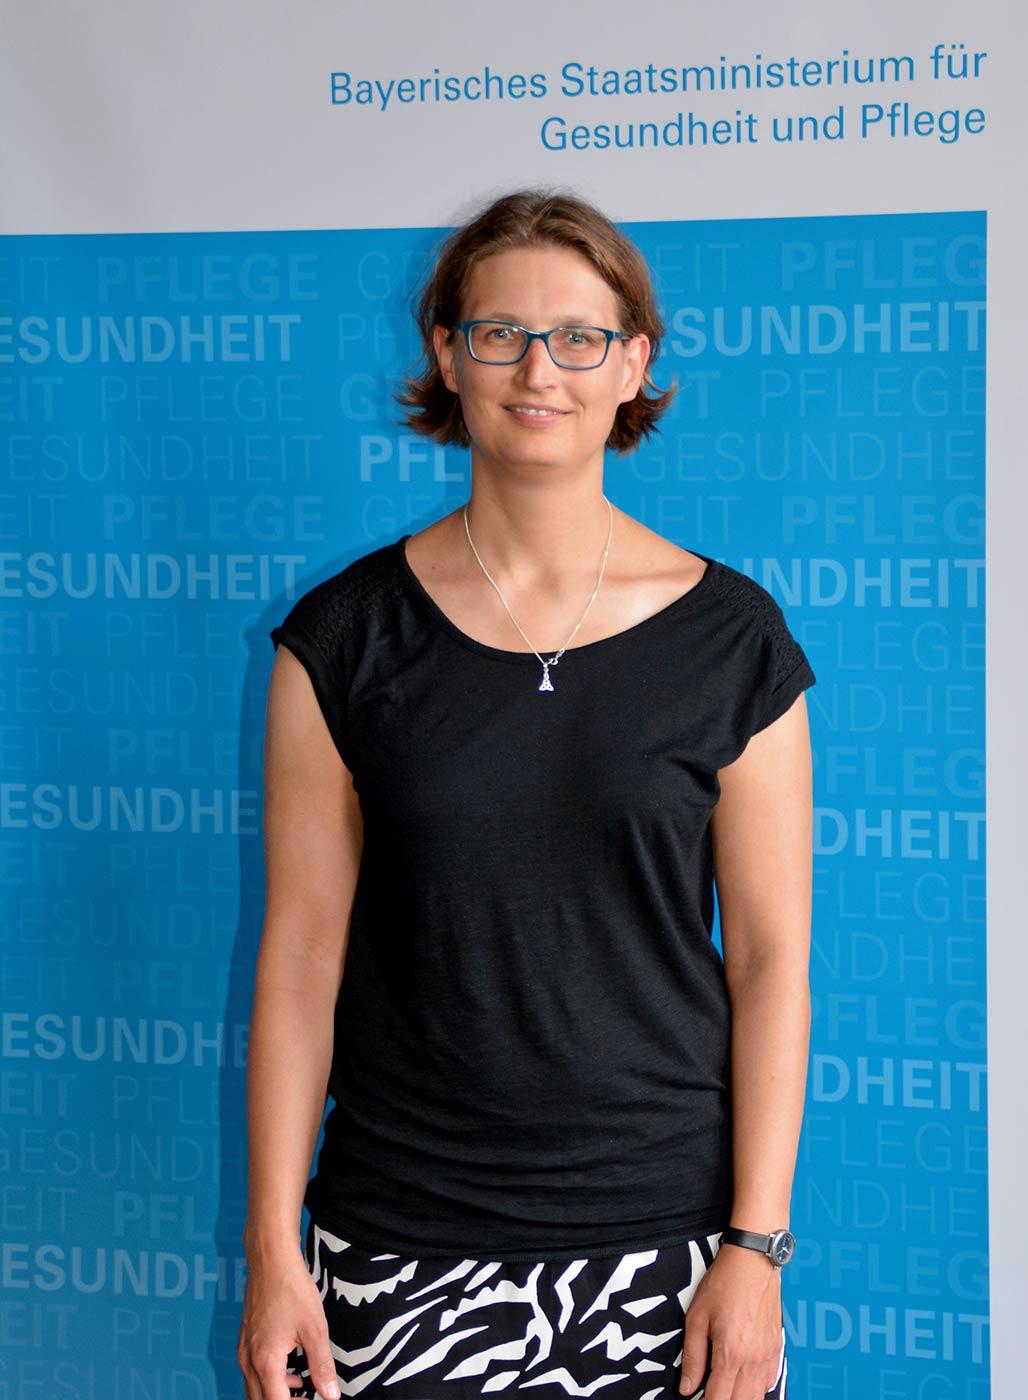 Dr. Christiane Zweier, Mitglied der Bayerischen Ethikkommission für Präimplantationsdiagnostik